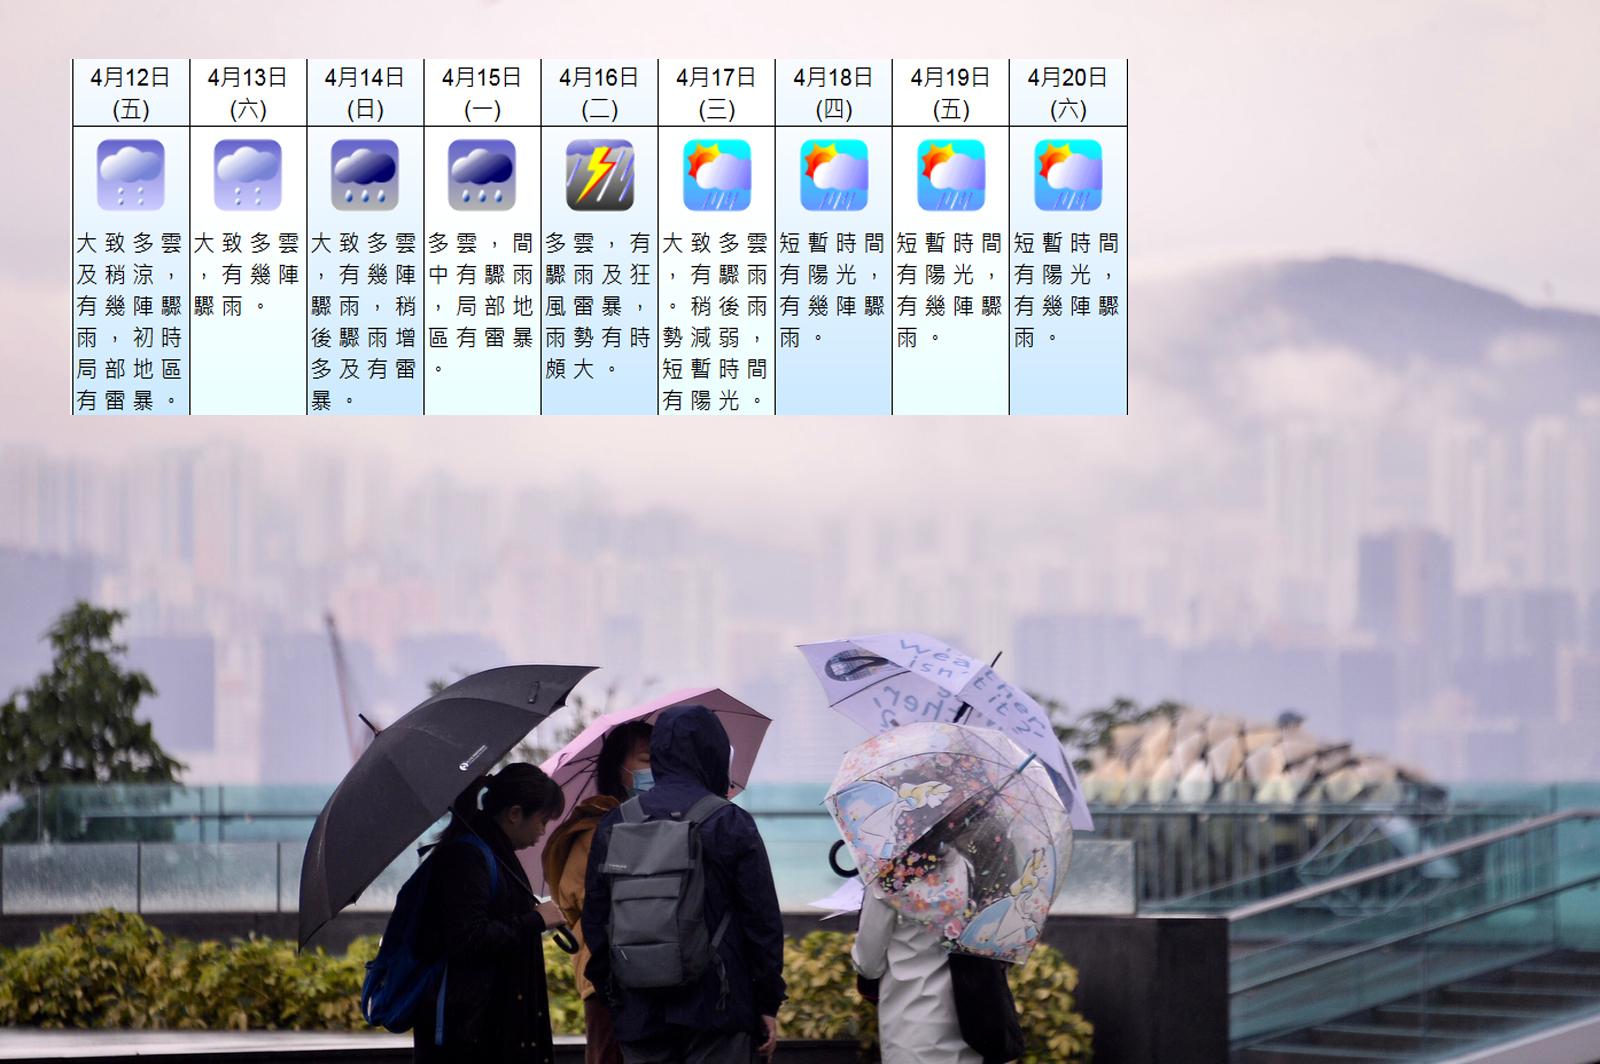 一股清勁至強風程度的偏東氣流會在未來一兩日影響廣東沿岸,本港明起有雨。 資料圖片及天文台網頁截圖